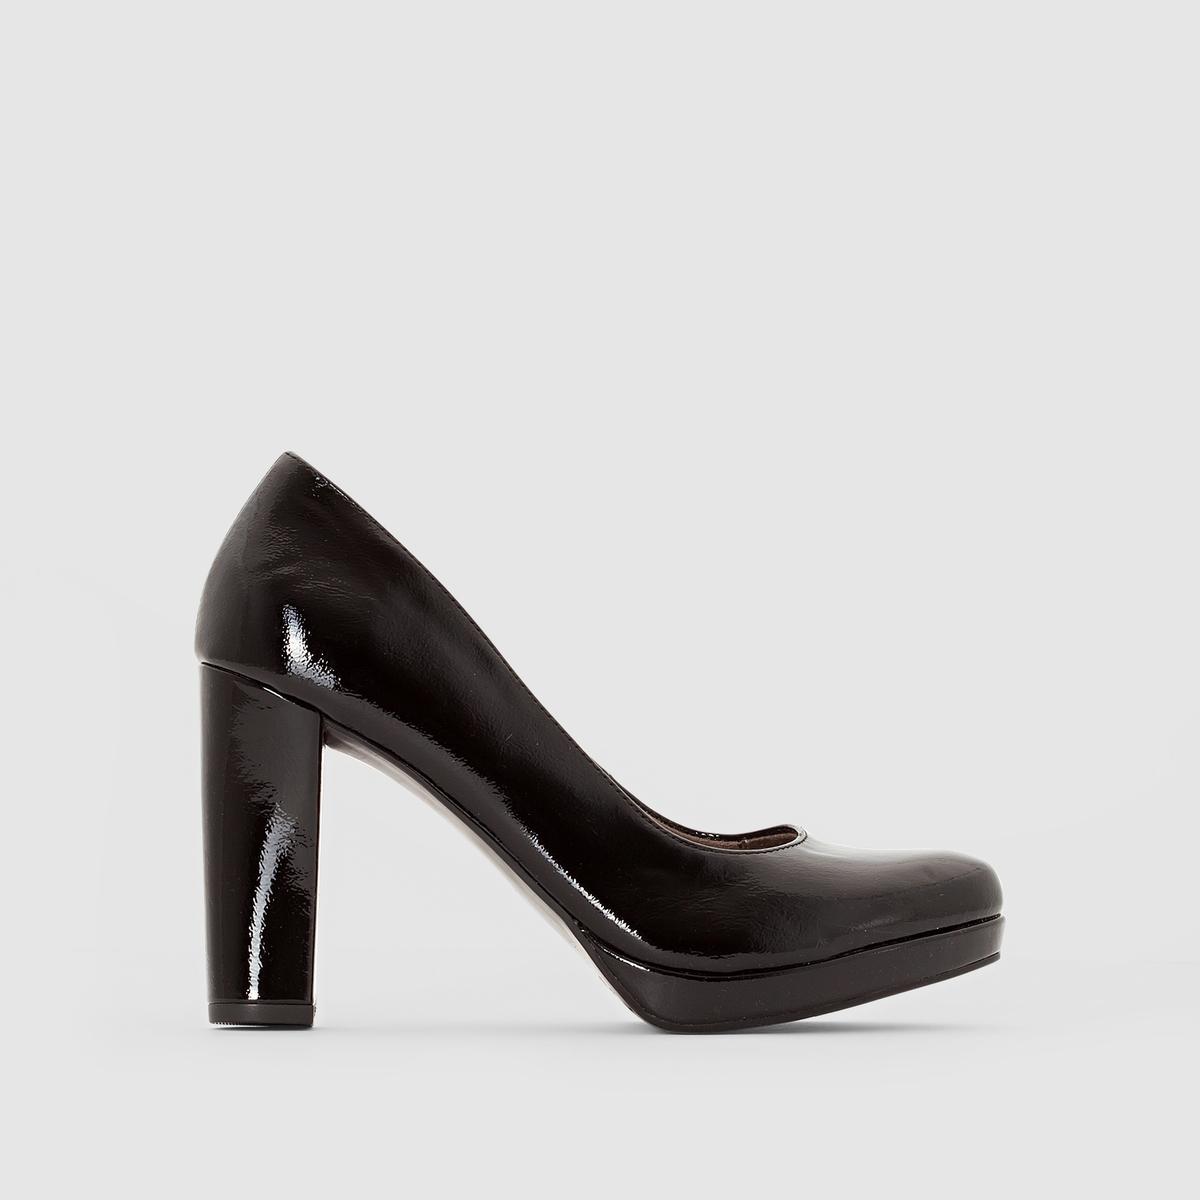 Туфли лакированные на каблуке 22435Подкладка : текстиль и синтетика   Подошва: Синтетический материалВысота каблука: 8 смФорма каблука : ШирокийМысок : ЗакругленныйЗастежка : без застежки<br><br>Цвет: Черный лак<br>Размер: 38